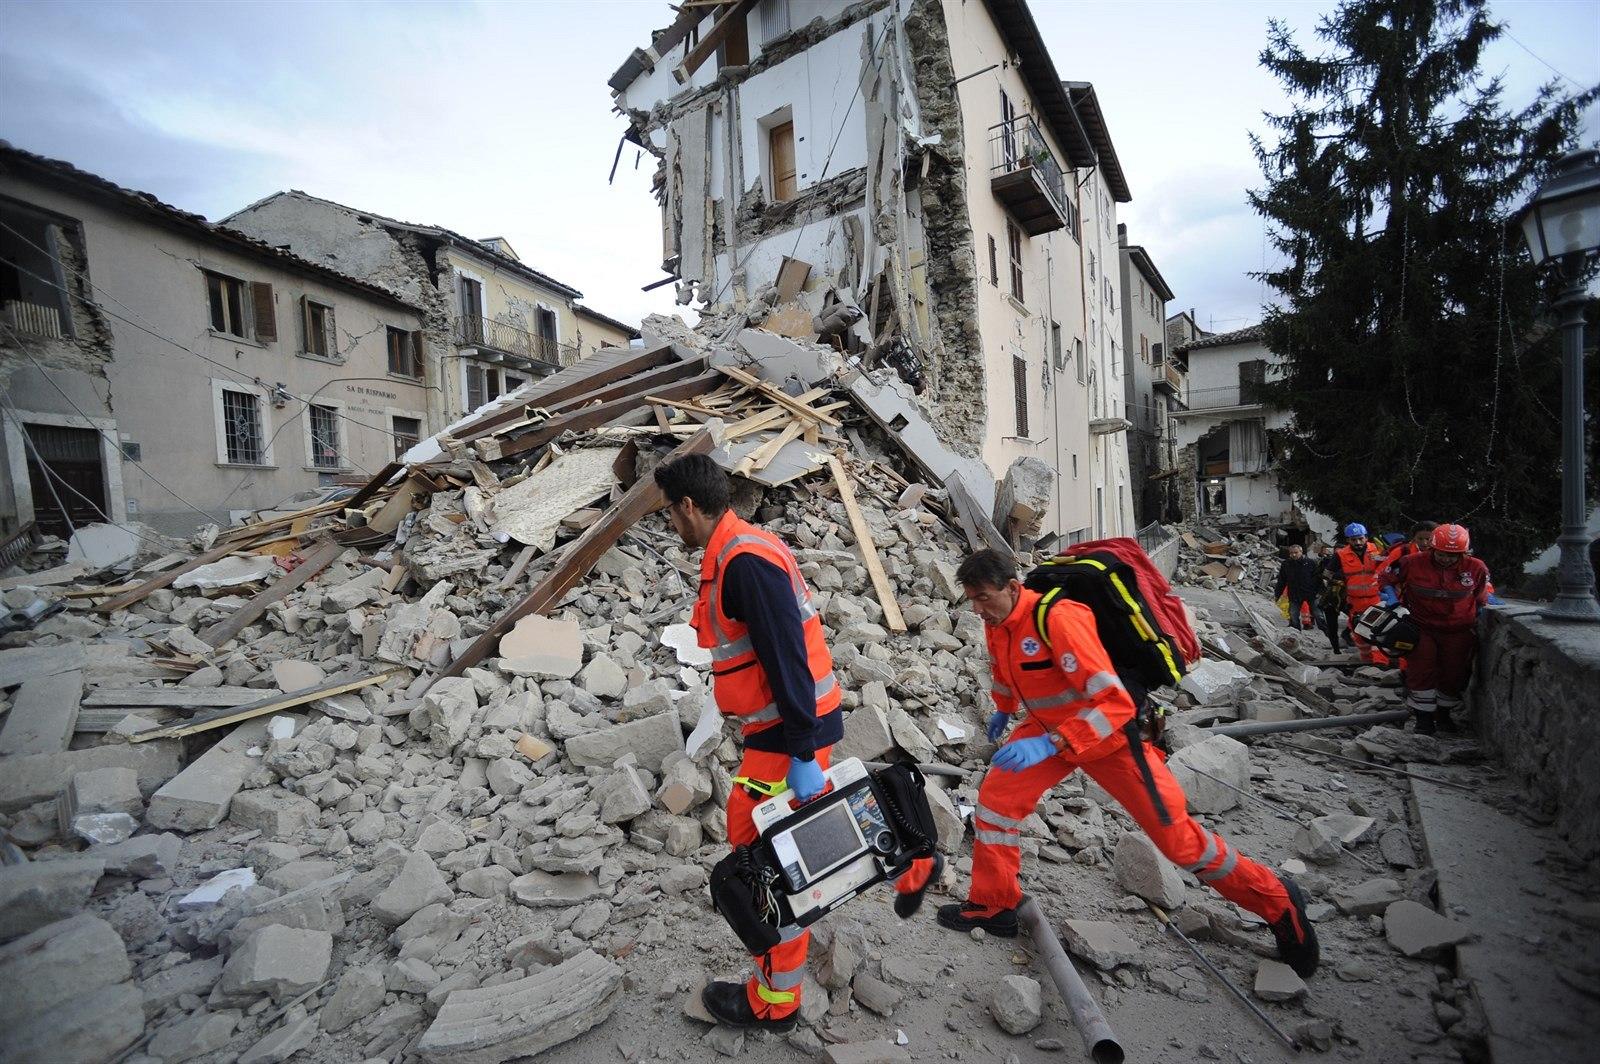 Terremoto, nella notte scossa di 3.4 tra Arquata del Tronto e Accumoli